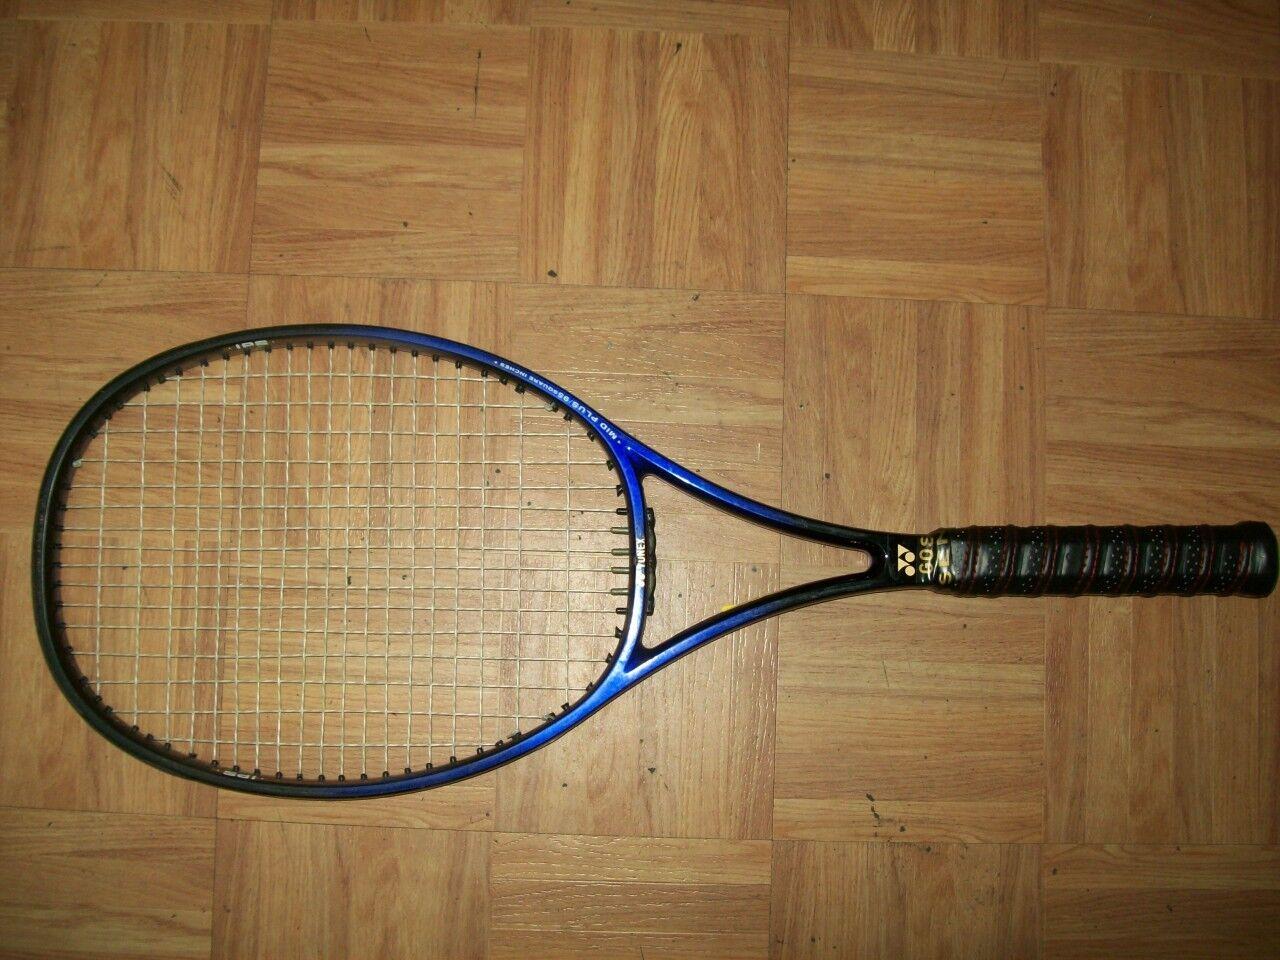 Yonex Rd Power 7 95 headsize 4 1/2 Tennis Racquet